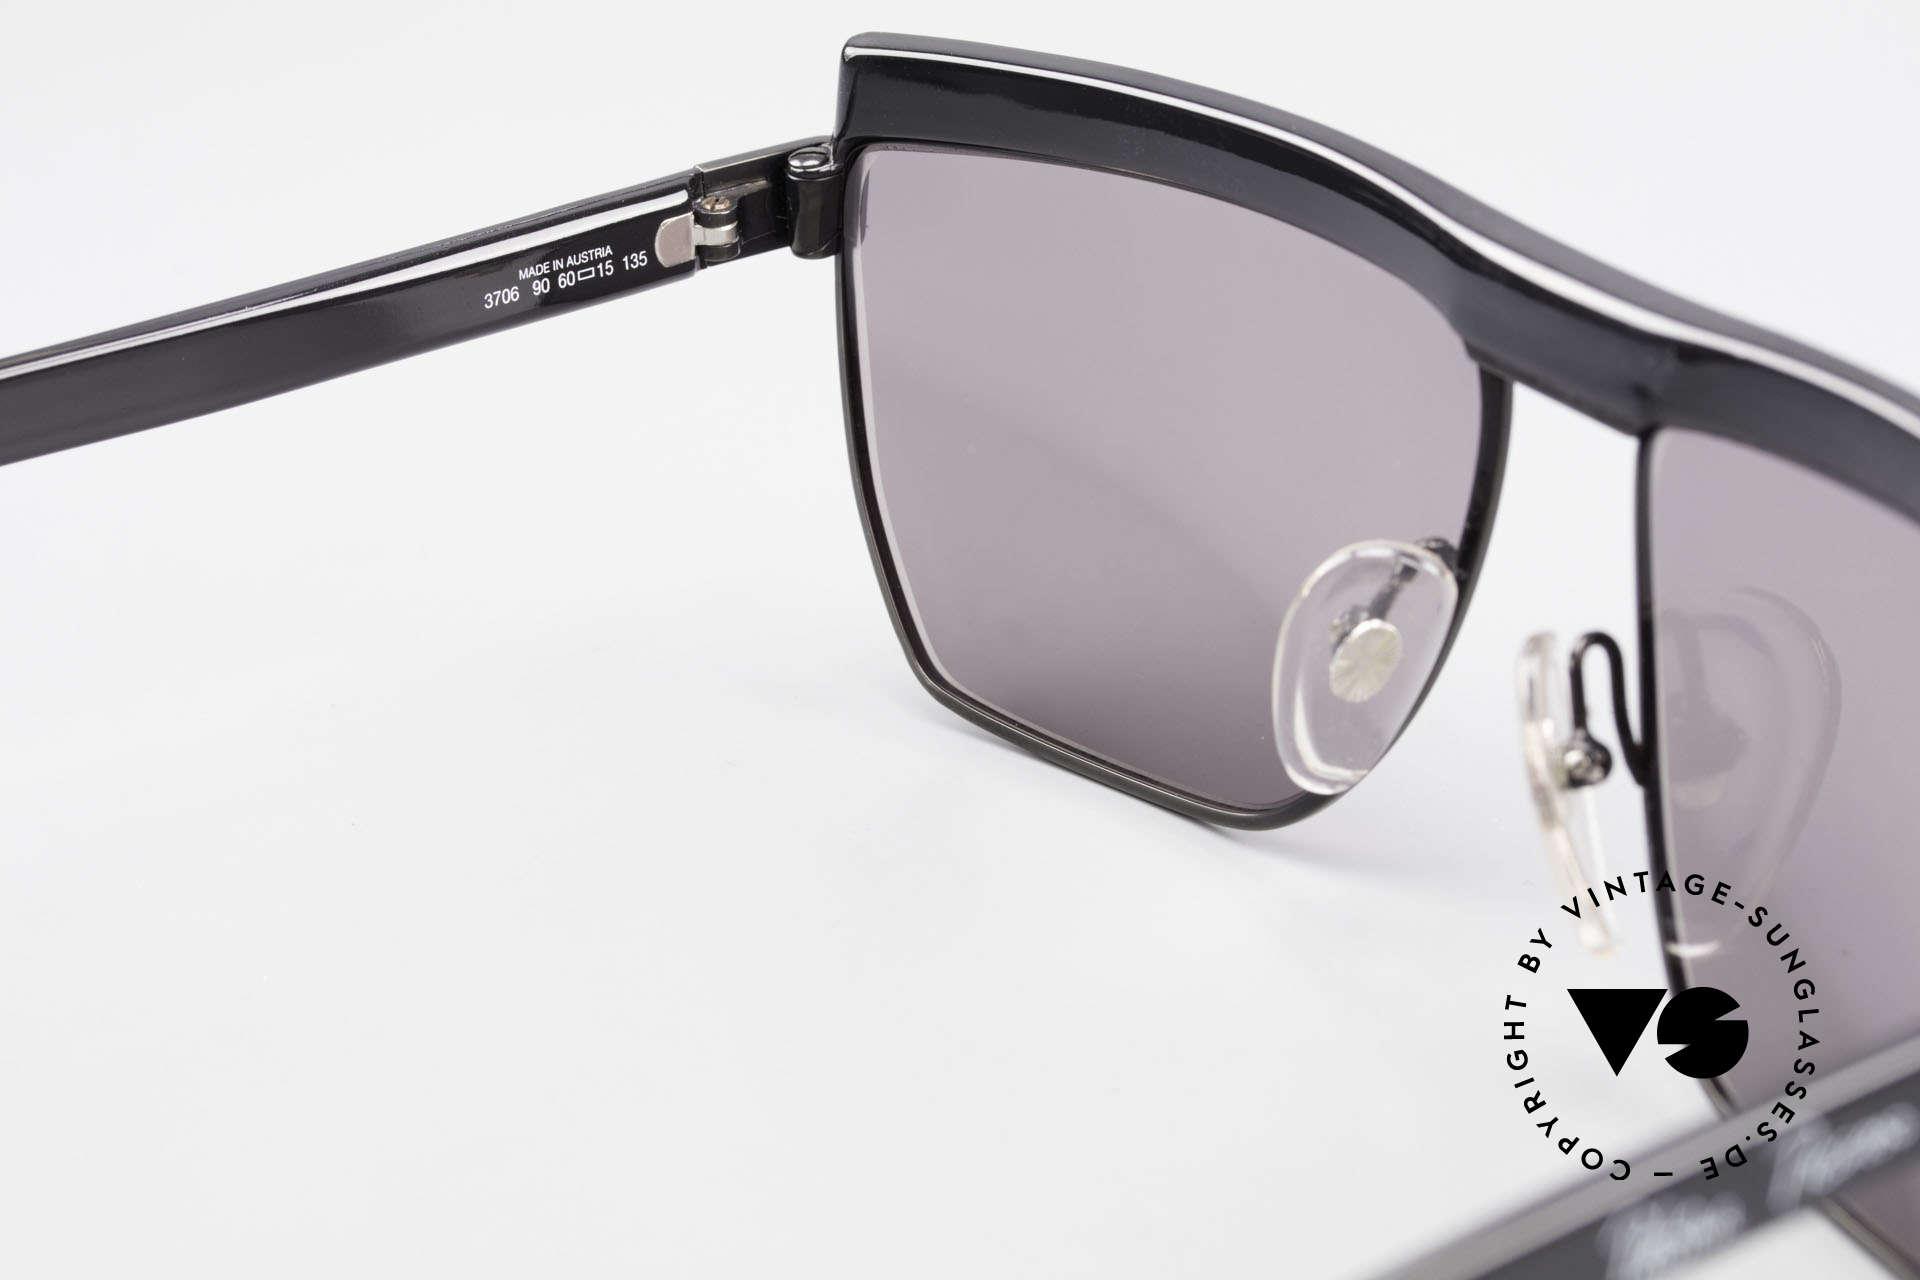 Paloma Picasso 3706 Damen Sonnenbrille Kristall, ungetragen (wie alle unsere vintage Sonnenbrillen), Passend für Damen